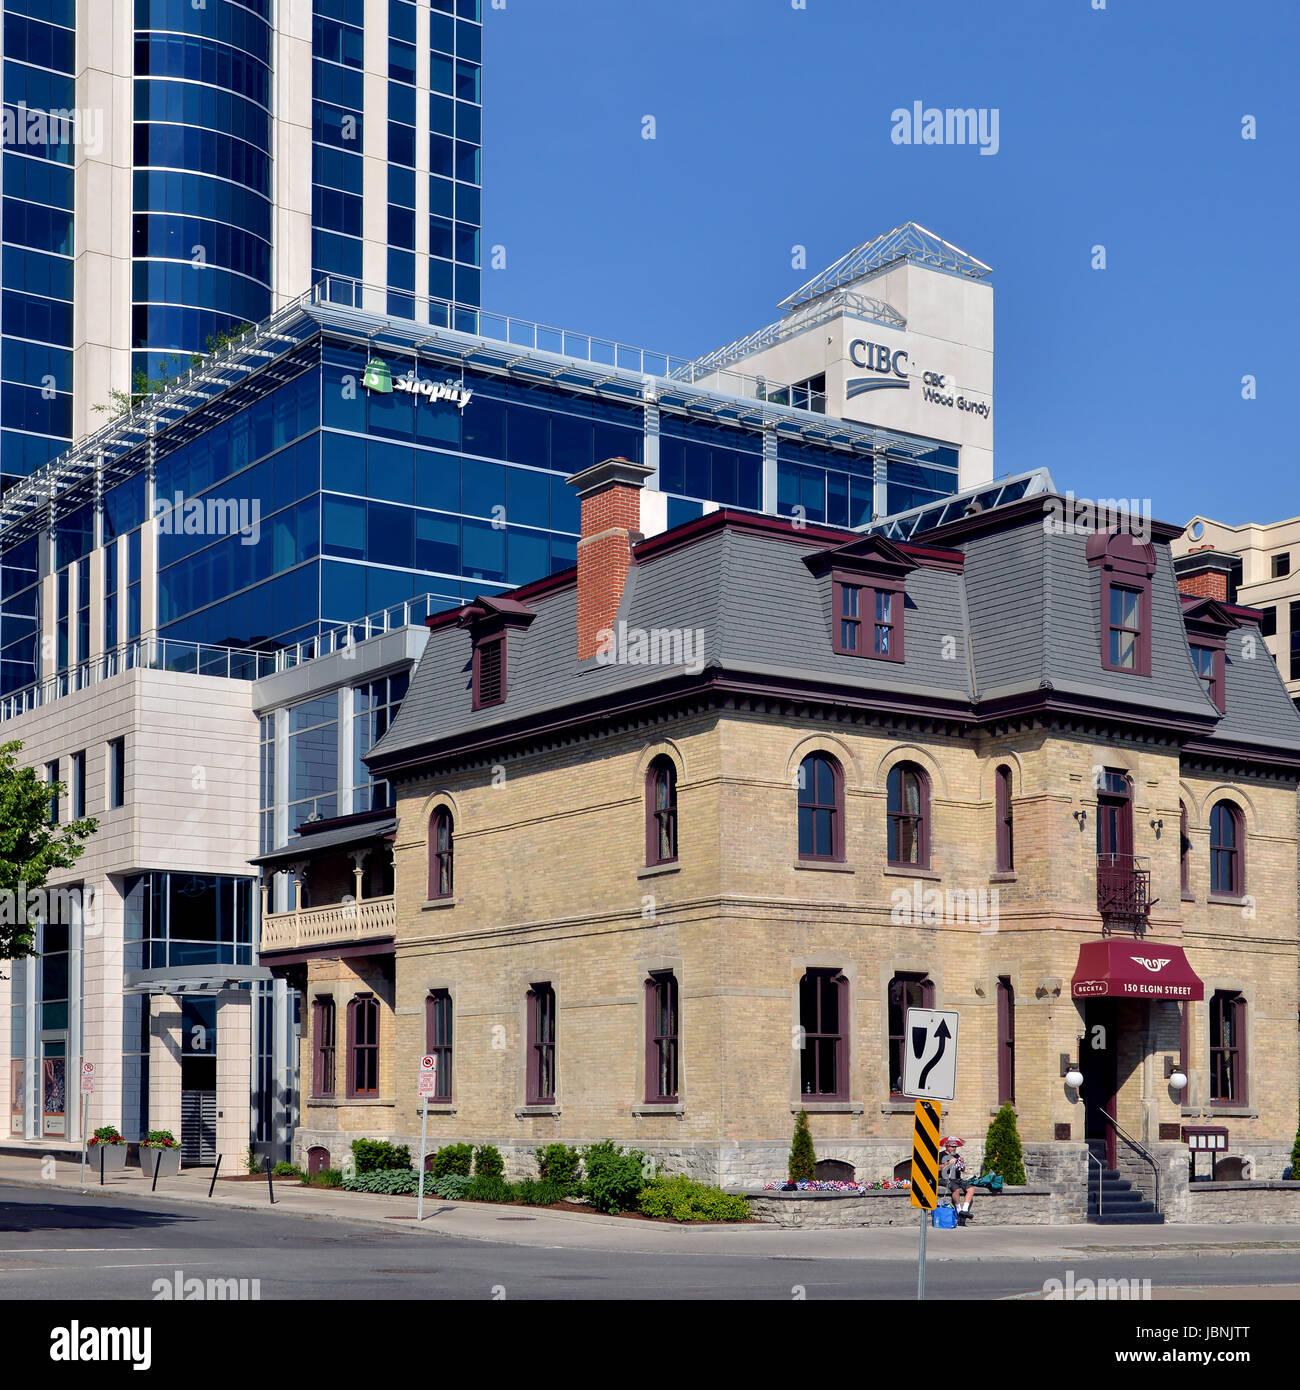 Ottawa, Canadá - Junio 11, 2017: la sede de la exitosa empresa de software Shopify en Elgin Street construido Imagen De Stock